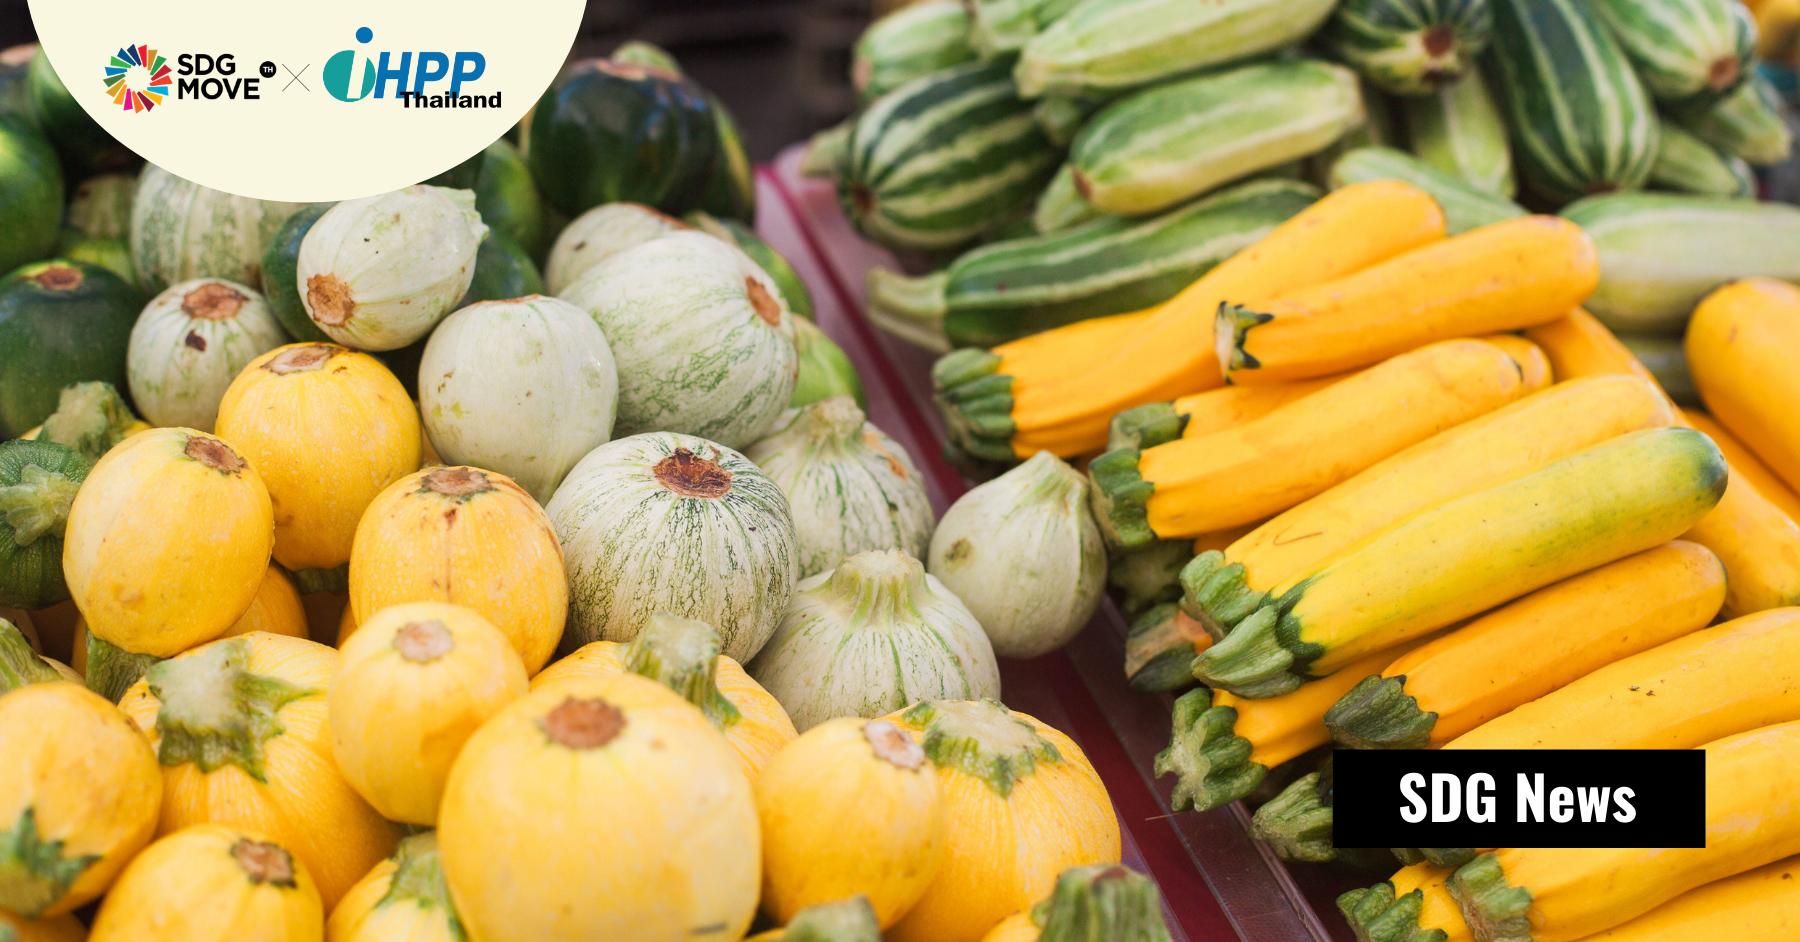 ไทยและประเทศสมาชิก WTO ลงนามข้อตกลง ไม่กำหนดข้อห้ามการส่งออกอาหารเพื่อประโยชน์ด้านมนุษยธรมในสถานการณ์ COVID-19